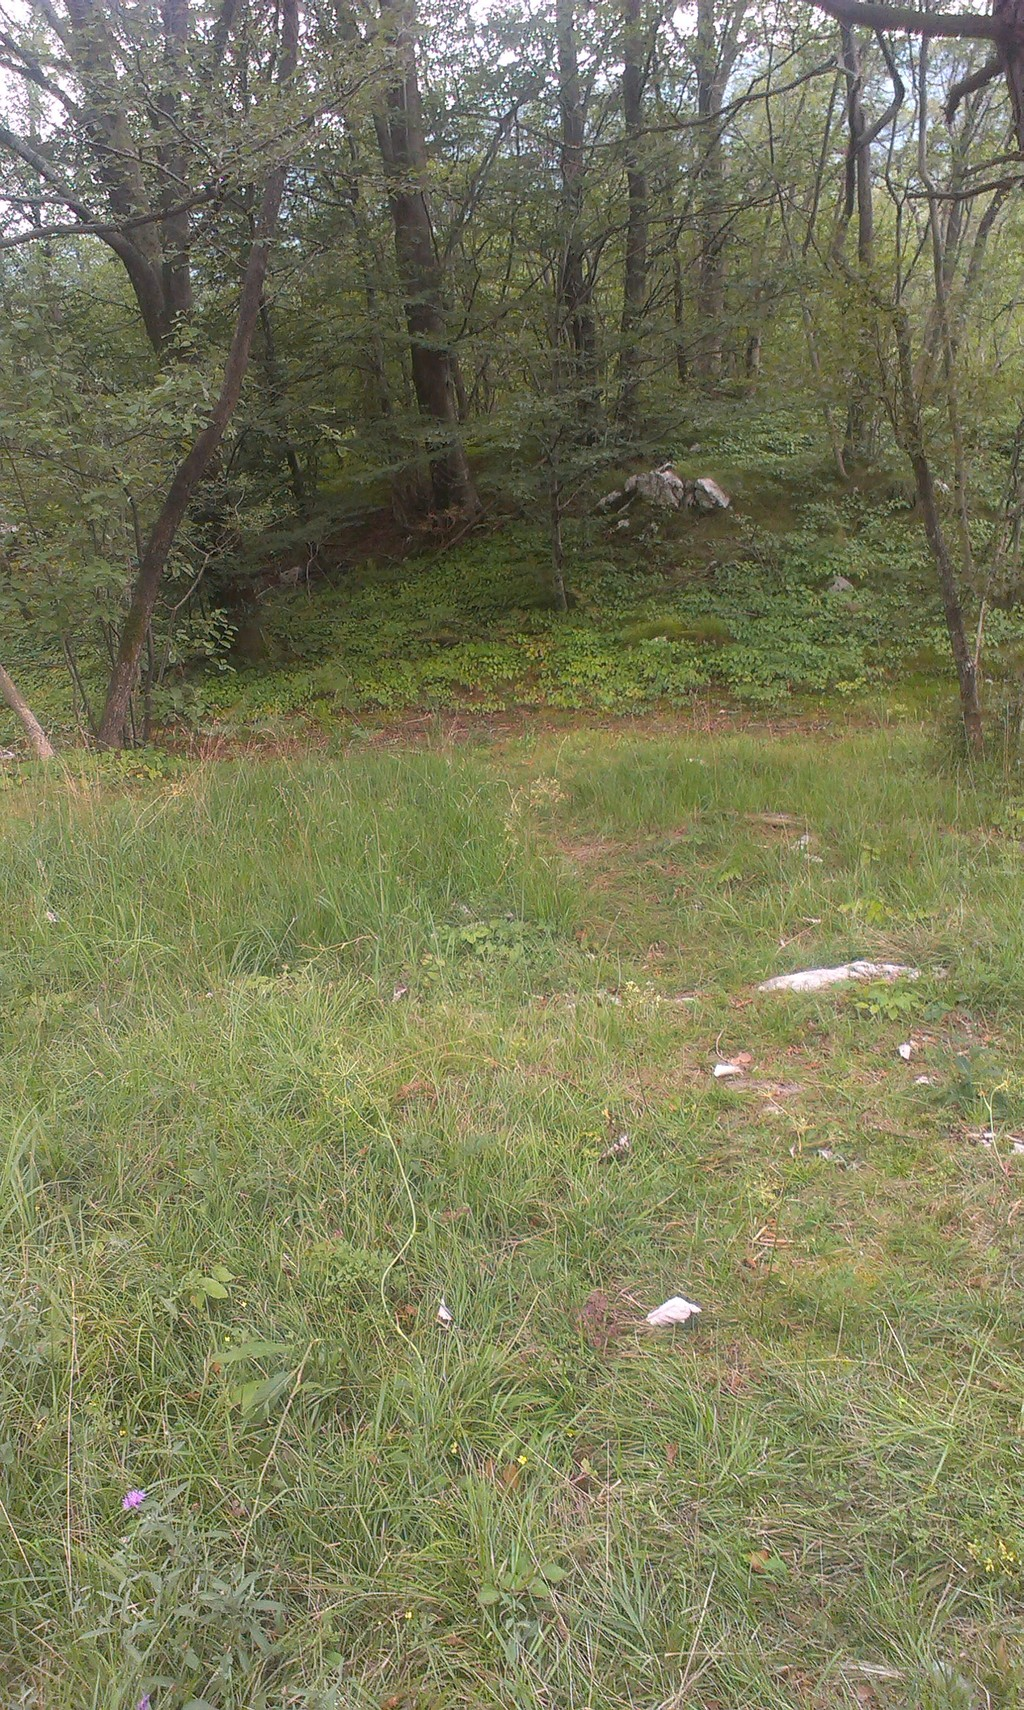 trail-star-views-d88379fe2d77c483e4fd881